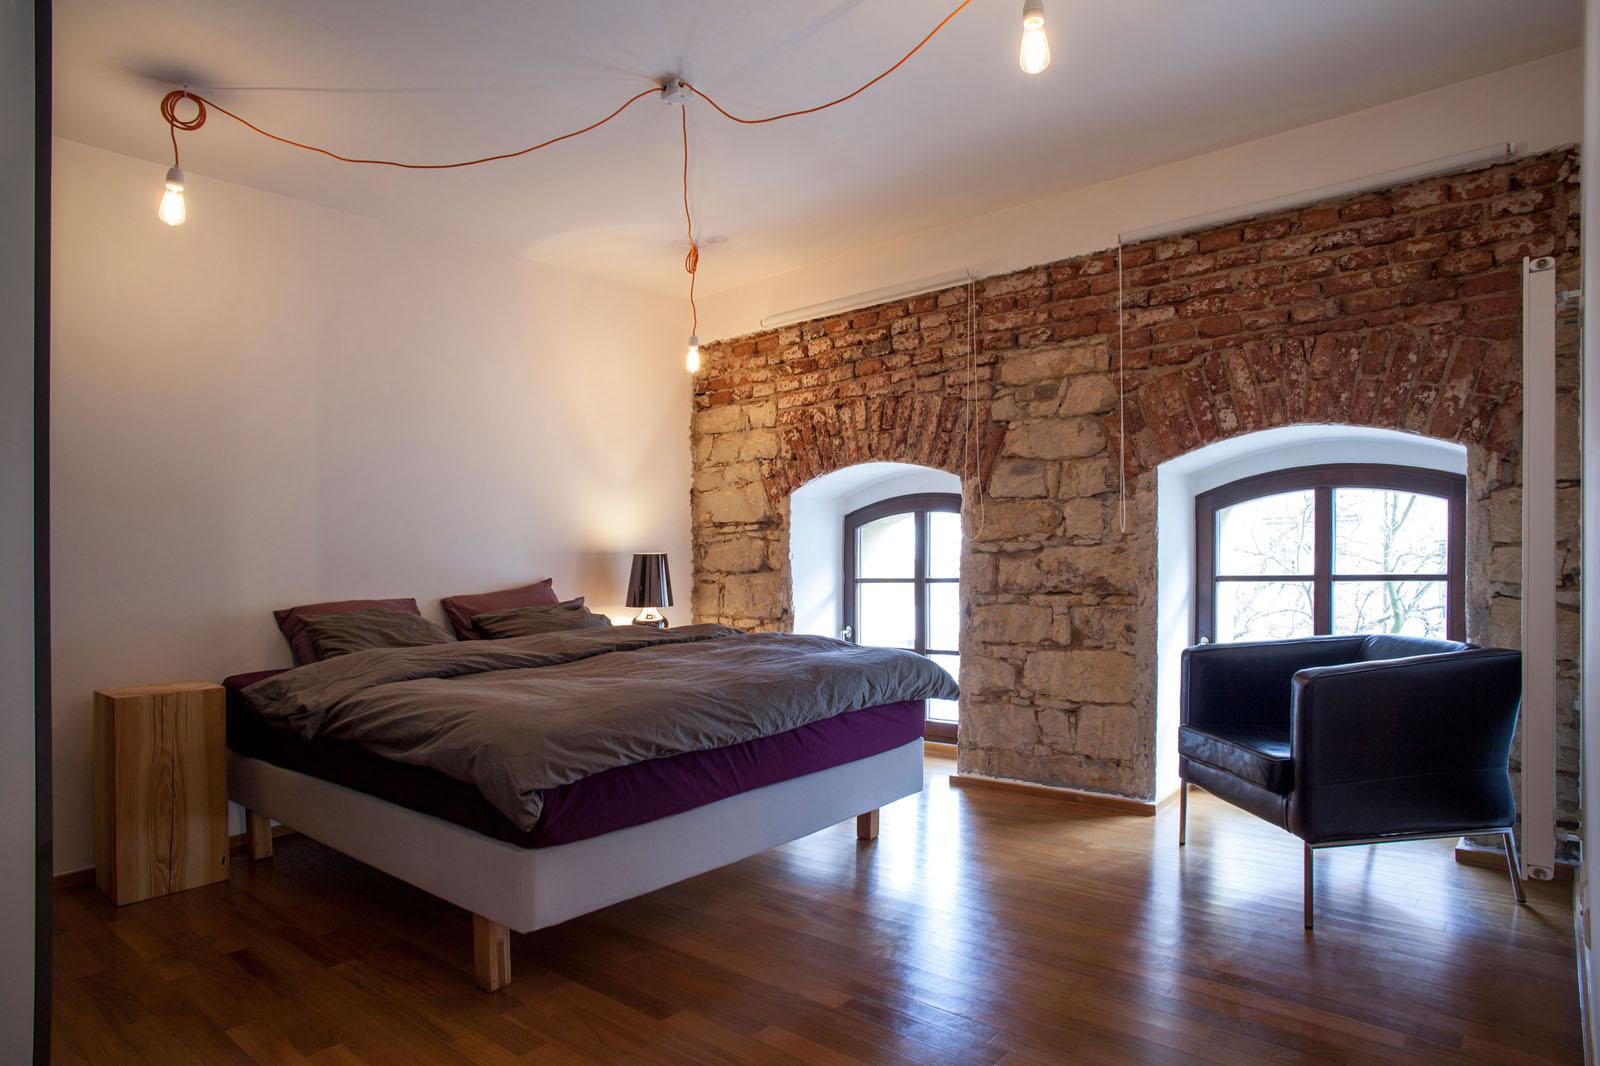 Minimalist Attic Bedroom